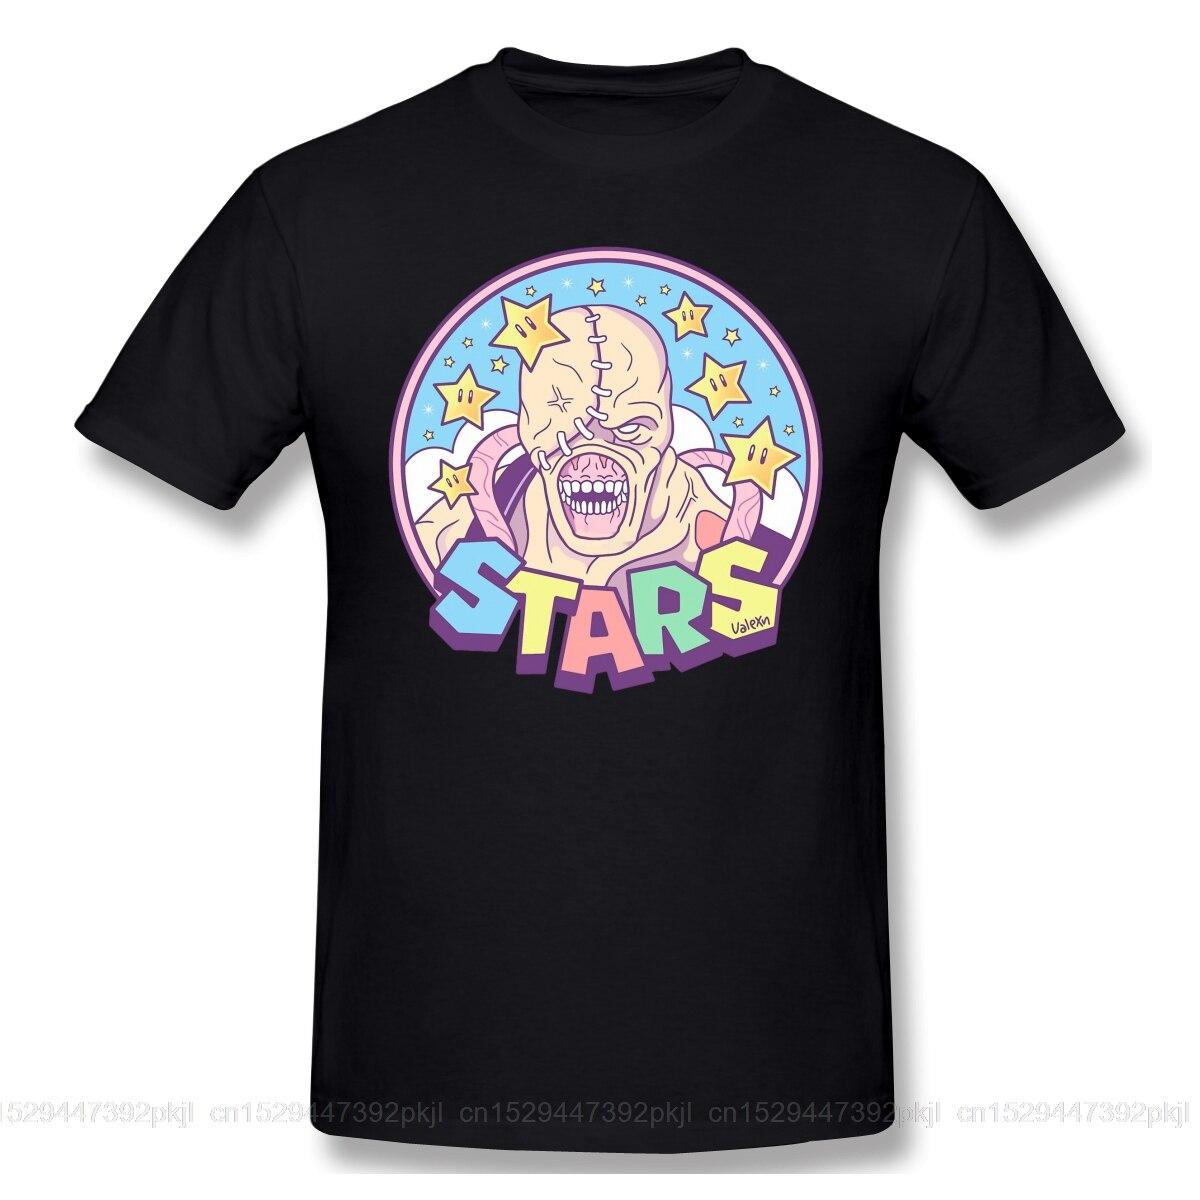 Футболки для мужчин, футболка с изображением звезд немеза, высокое качество, футболки для Дня отца, топы из 100% хлопка, одежда для игры в зомби